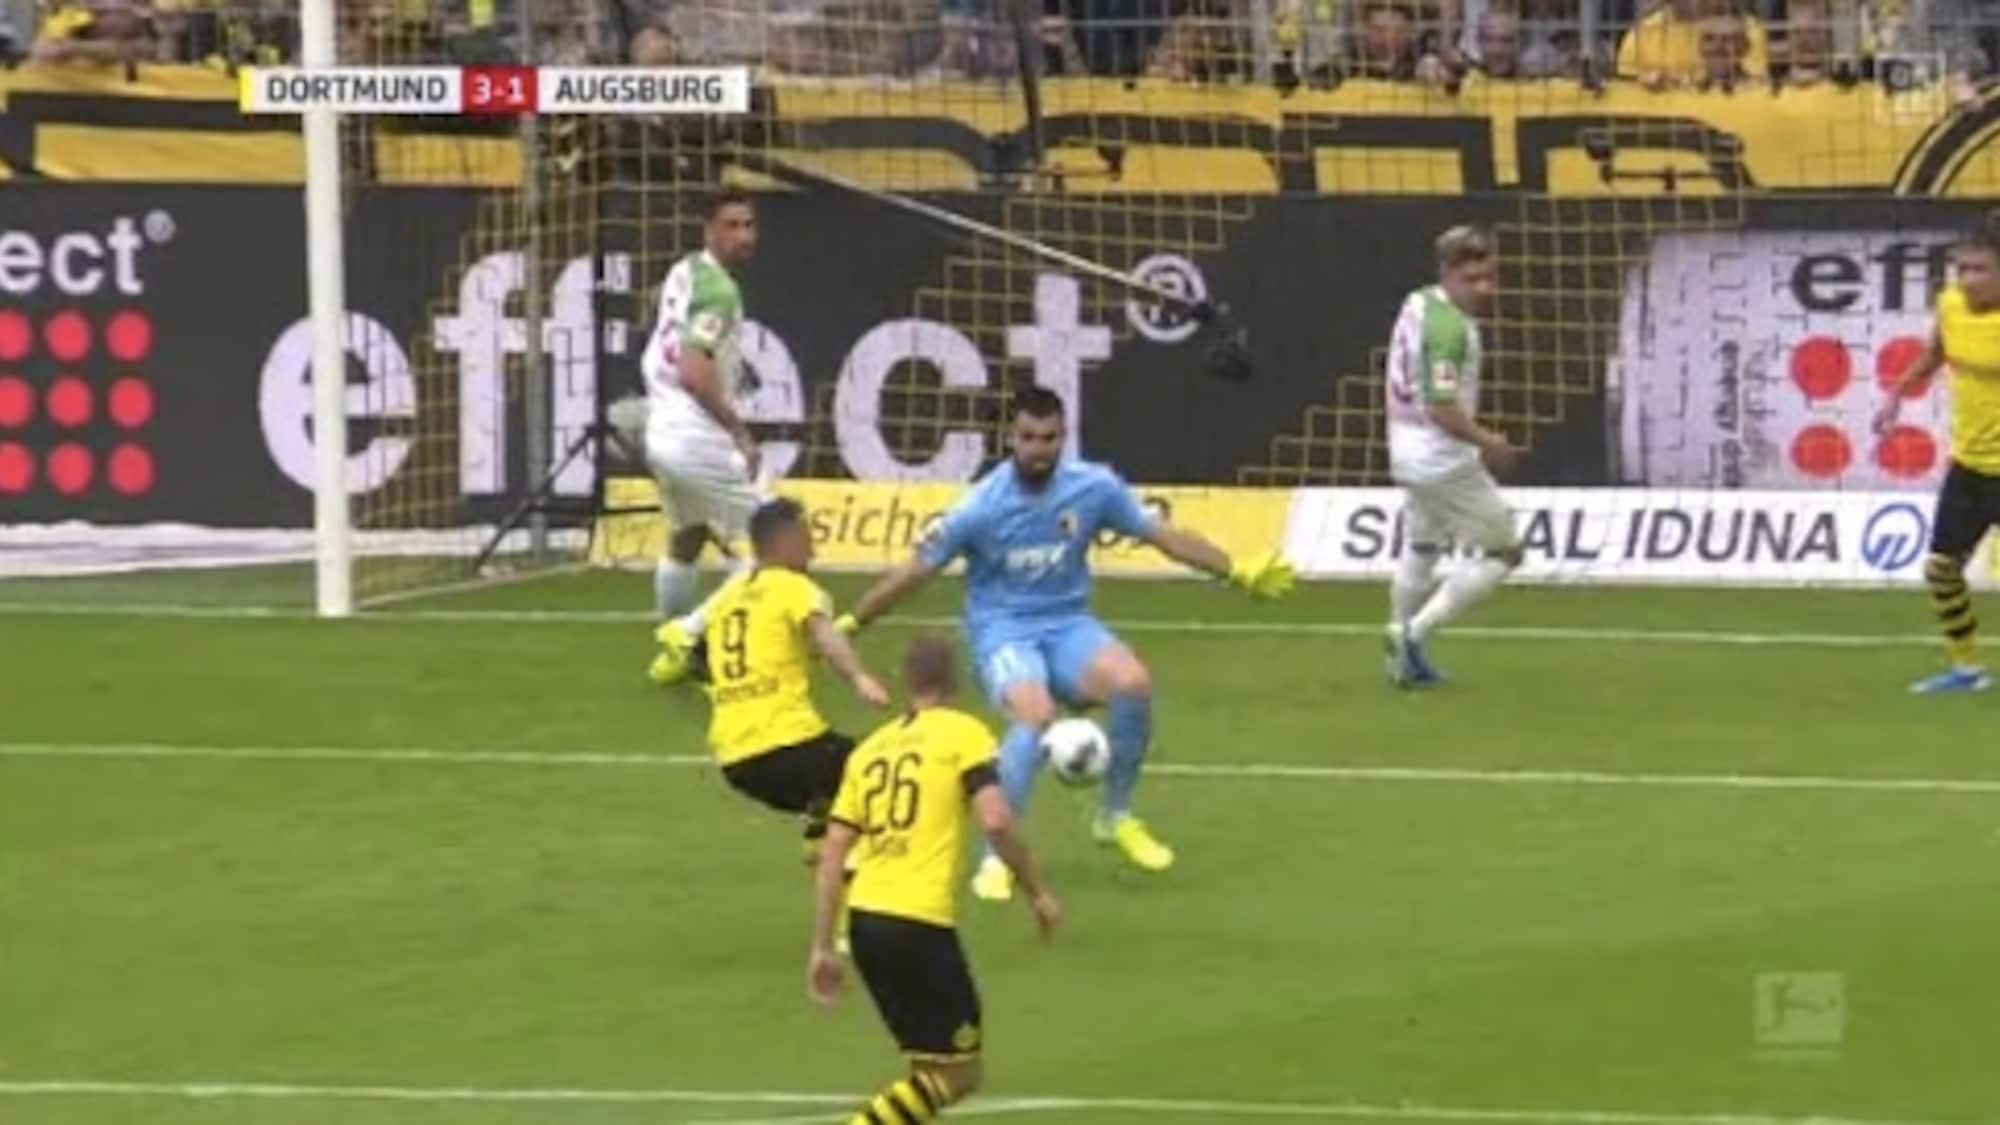 Favre startet mit Kanter-Sieg: Augsburg-Goalie floppt BVB zum Sieg!